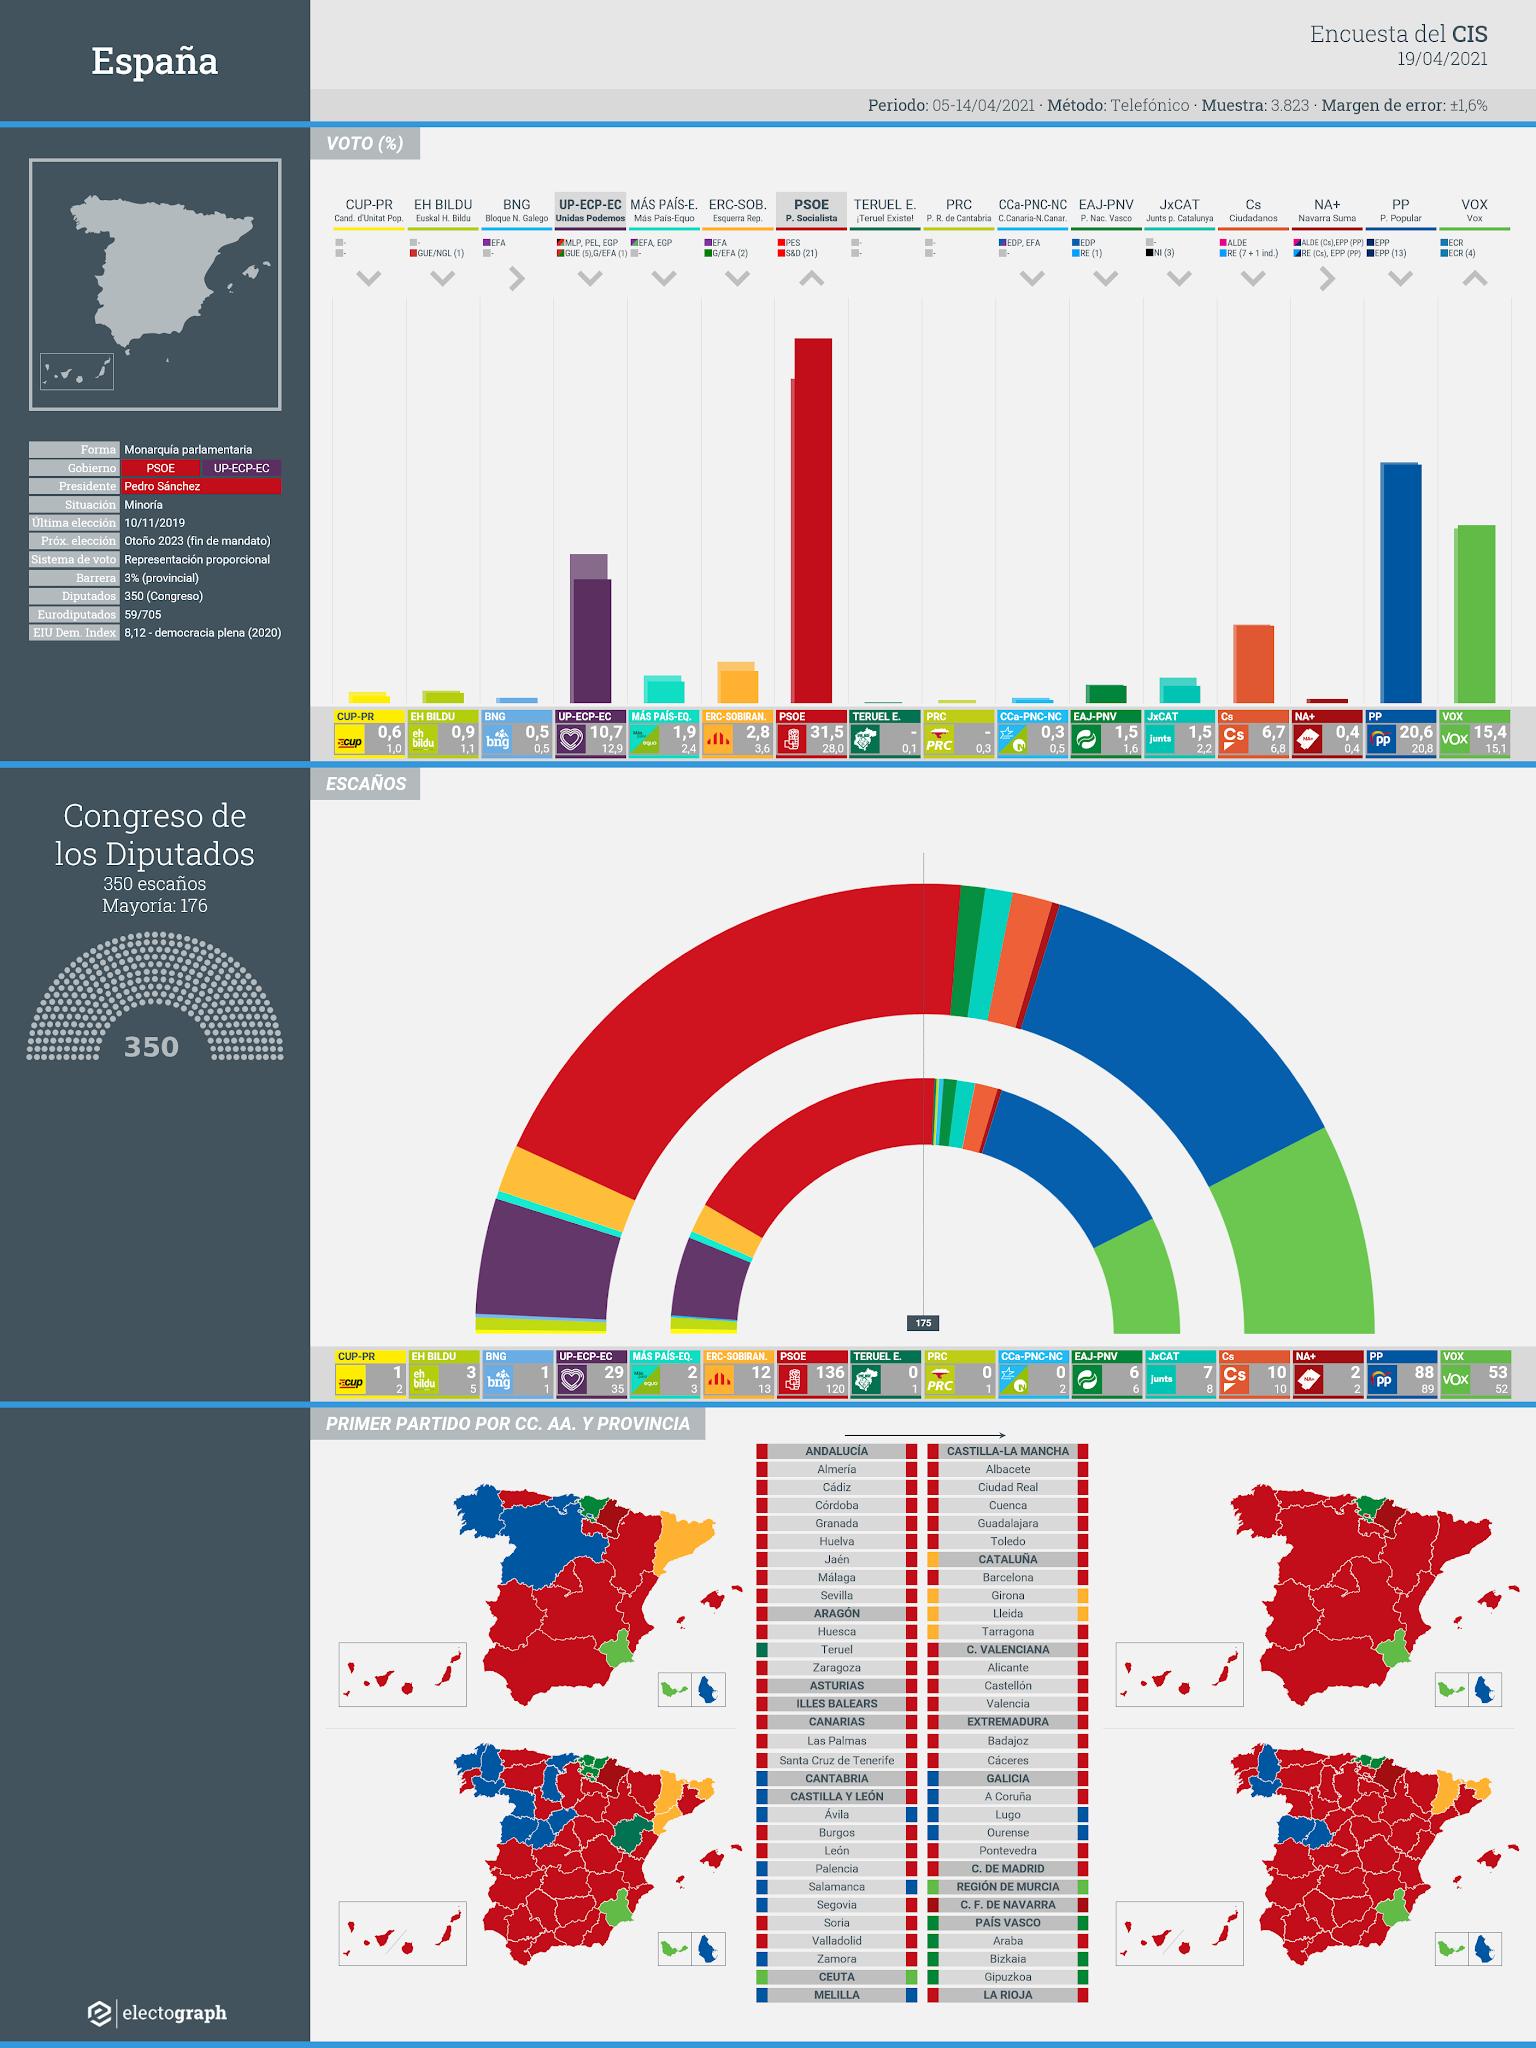 Gráfico de la encuesta para elecciones generales en España realizada por el CIS, 19 de abril de 2021